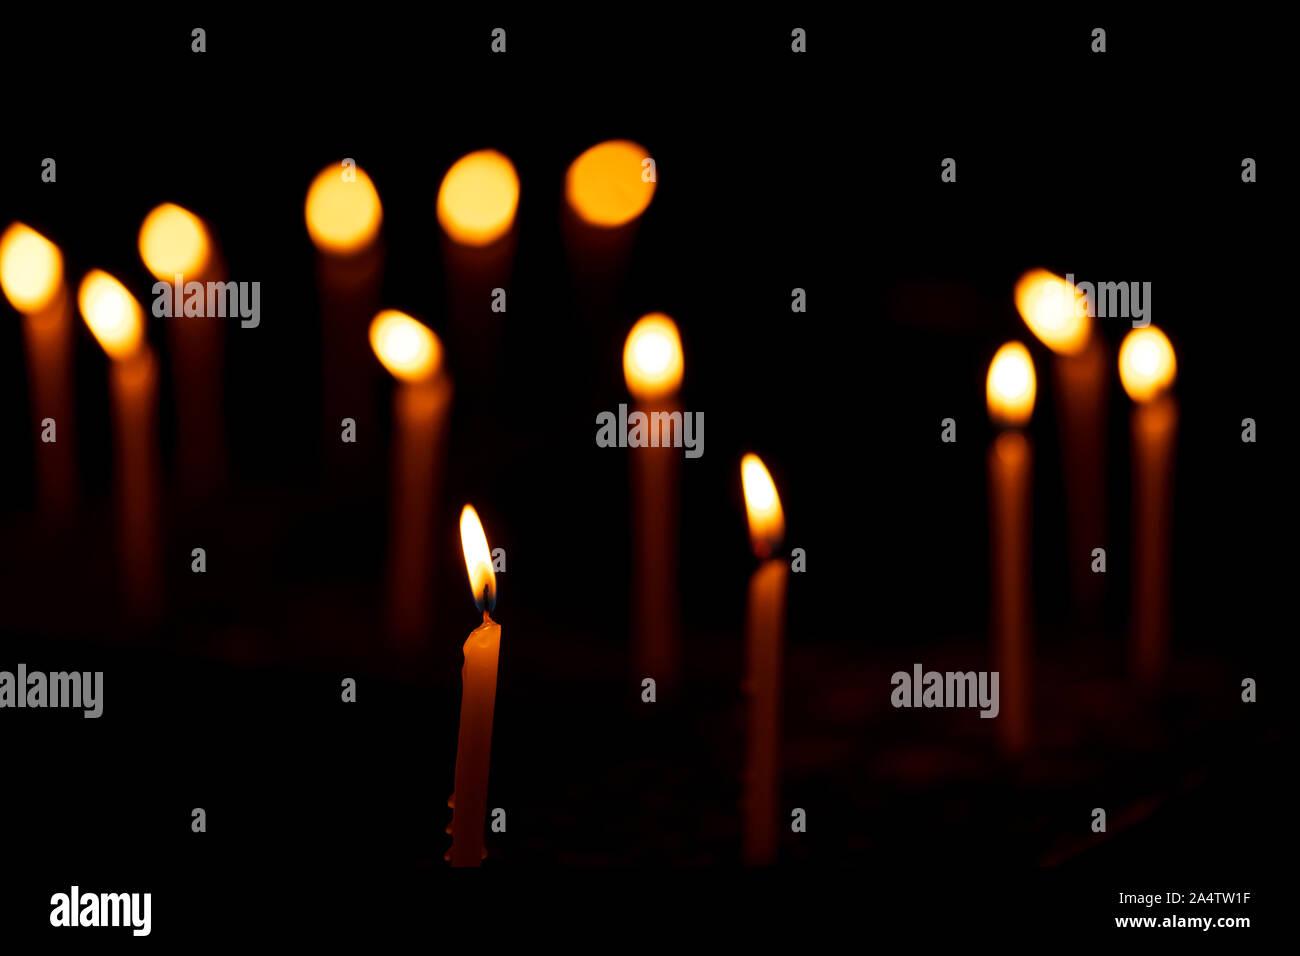 Diwali Dekoration Hintergrund - Kerzen brennen in einem Zick-Zack-Muster während der indischen festliche Feier. Konzept für Hindus, Christen, Buddhisten, traditio Stockfoto